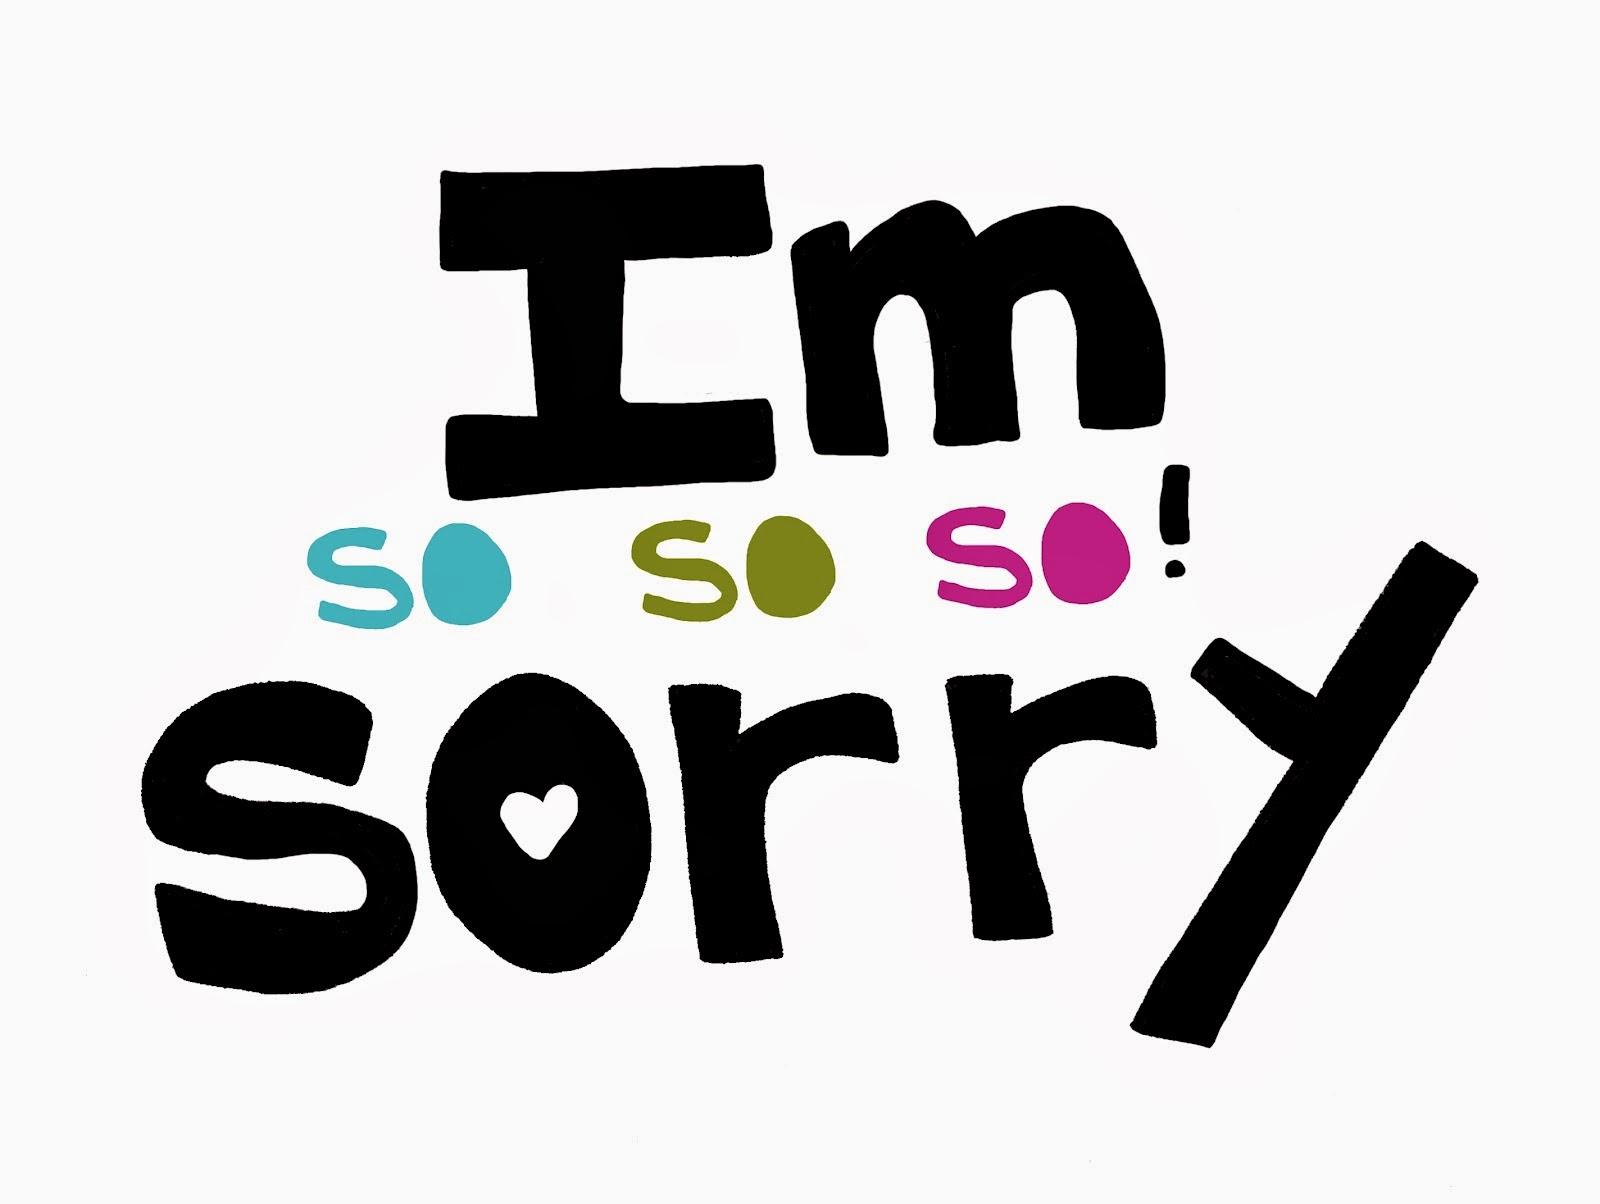 http://4.bp.blogspot.com/-6S-Esuwkf_Y/UzXAtgkeAwI/AAAAAAAACG8/pmYyxhL3VwM/s1600/so-so-sorry.jpg